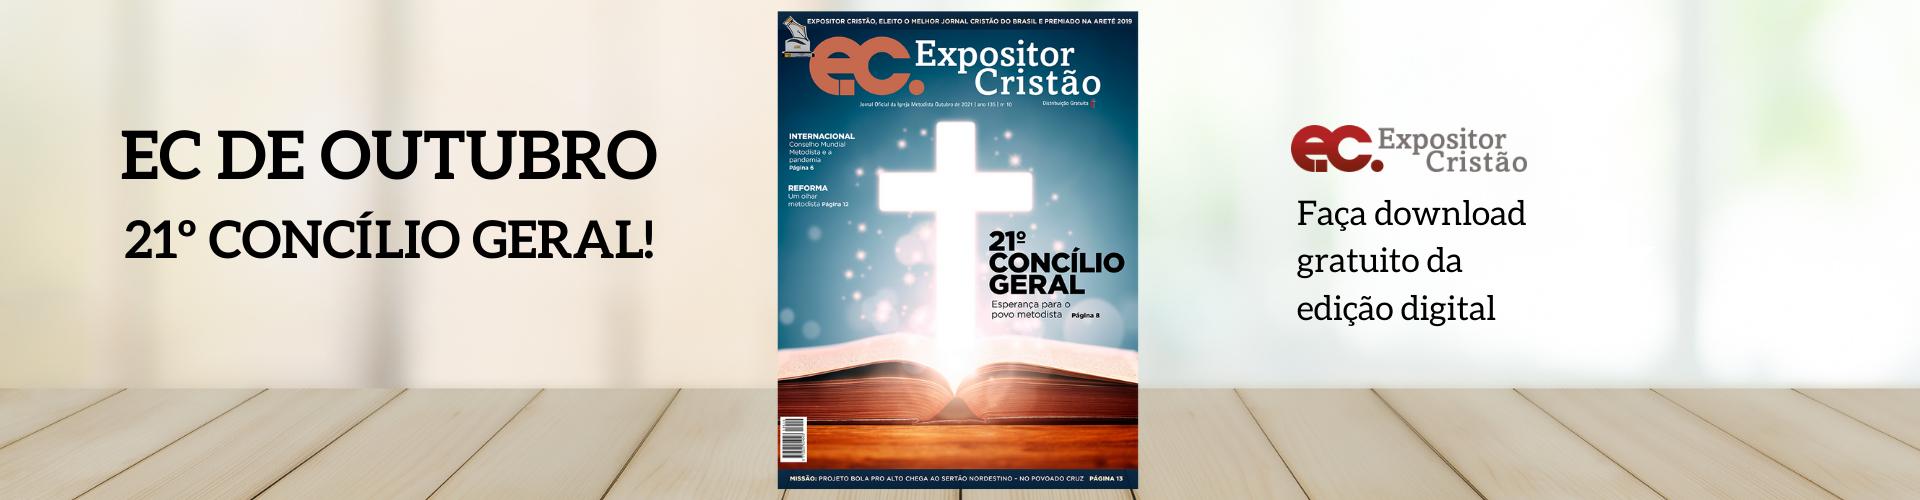 EC | 21º Concílio Geral bate à porta e traz esperança ao povo metodista